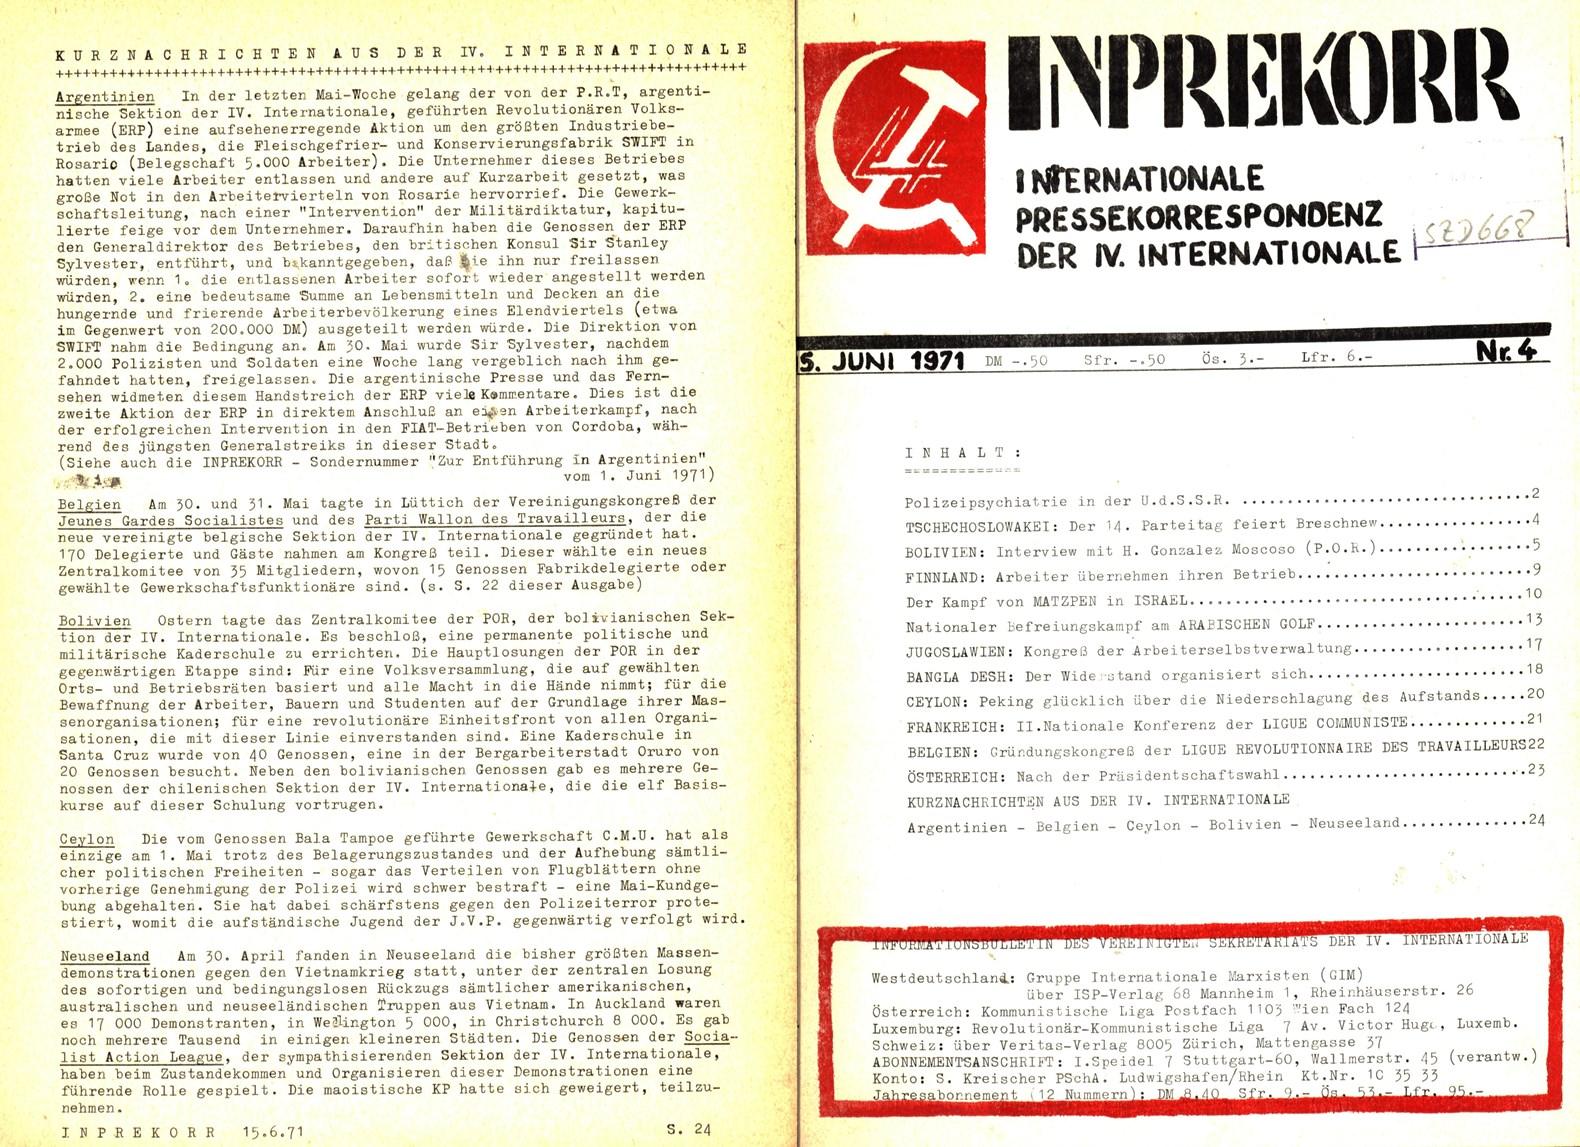 Inprekorr_19710615_004_001